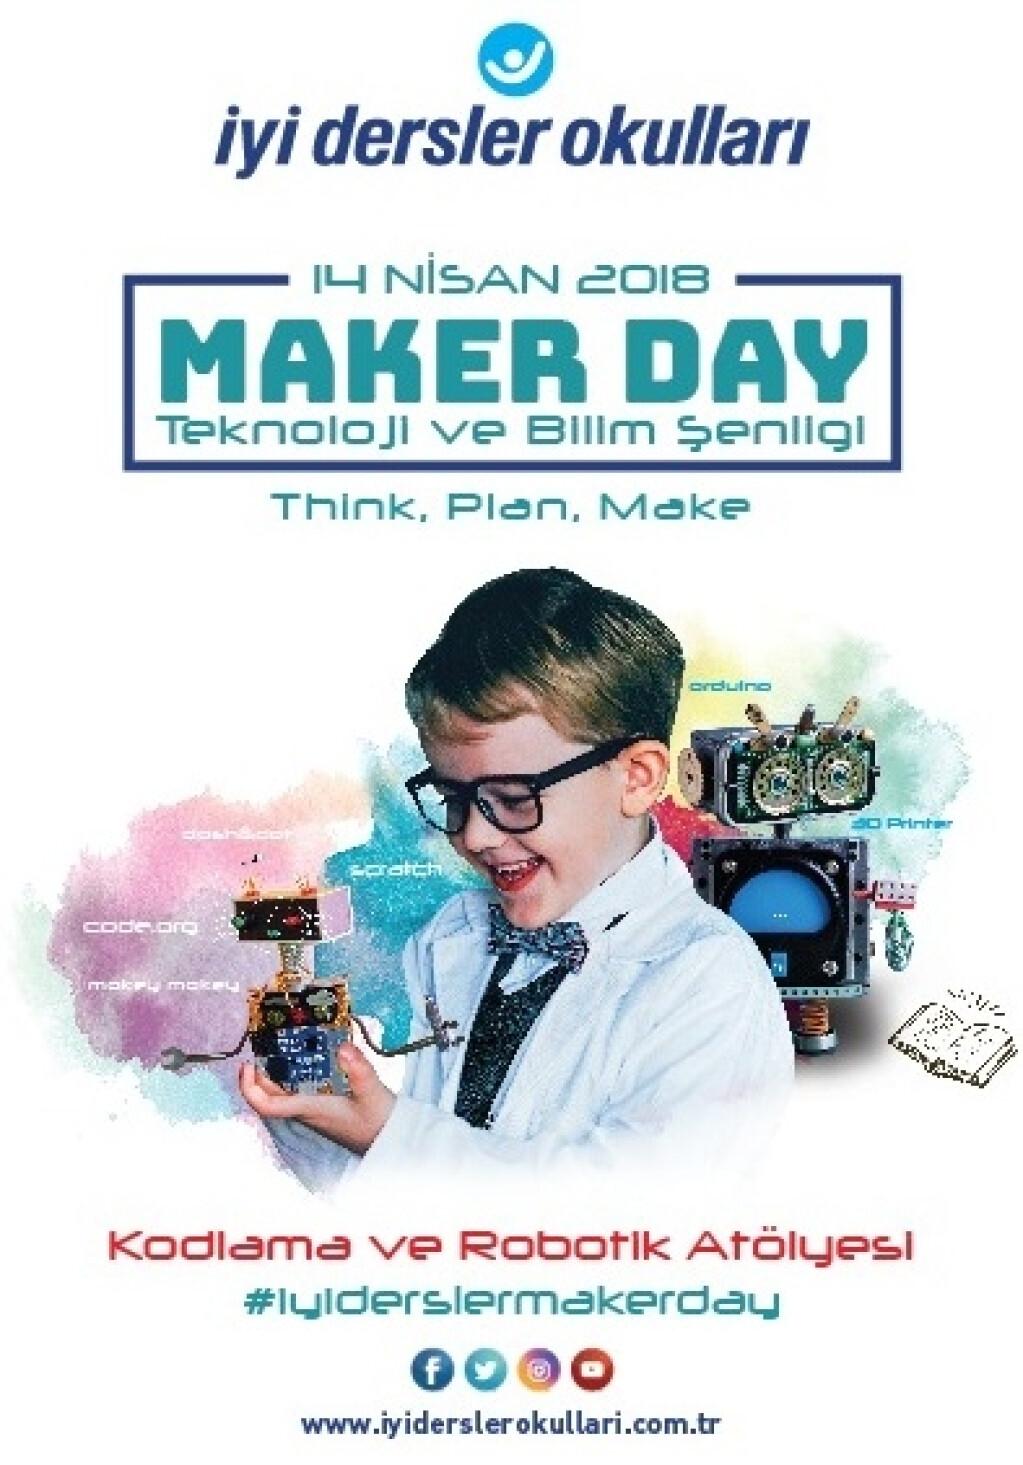 Maker Day / Teknoloji ve Bilim Şenliği   İyi Dersler   Özel Okul